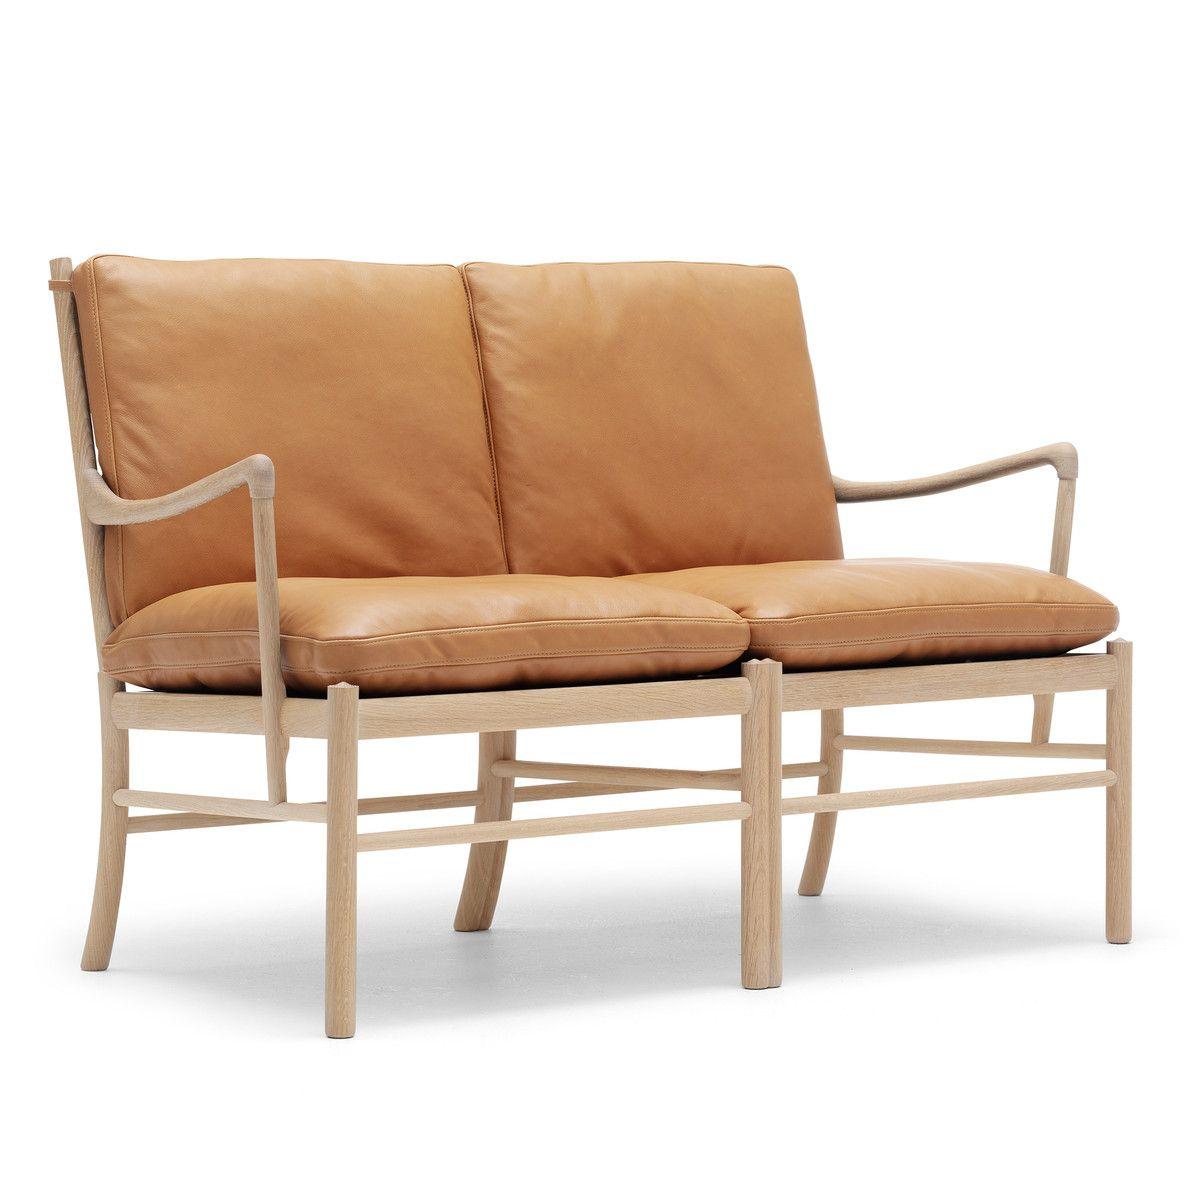 OW149-2 Colonial sofa fra Carl Hansen fremstillet af oliebehandlet ...